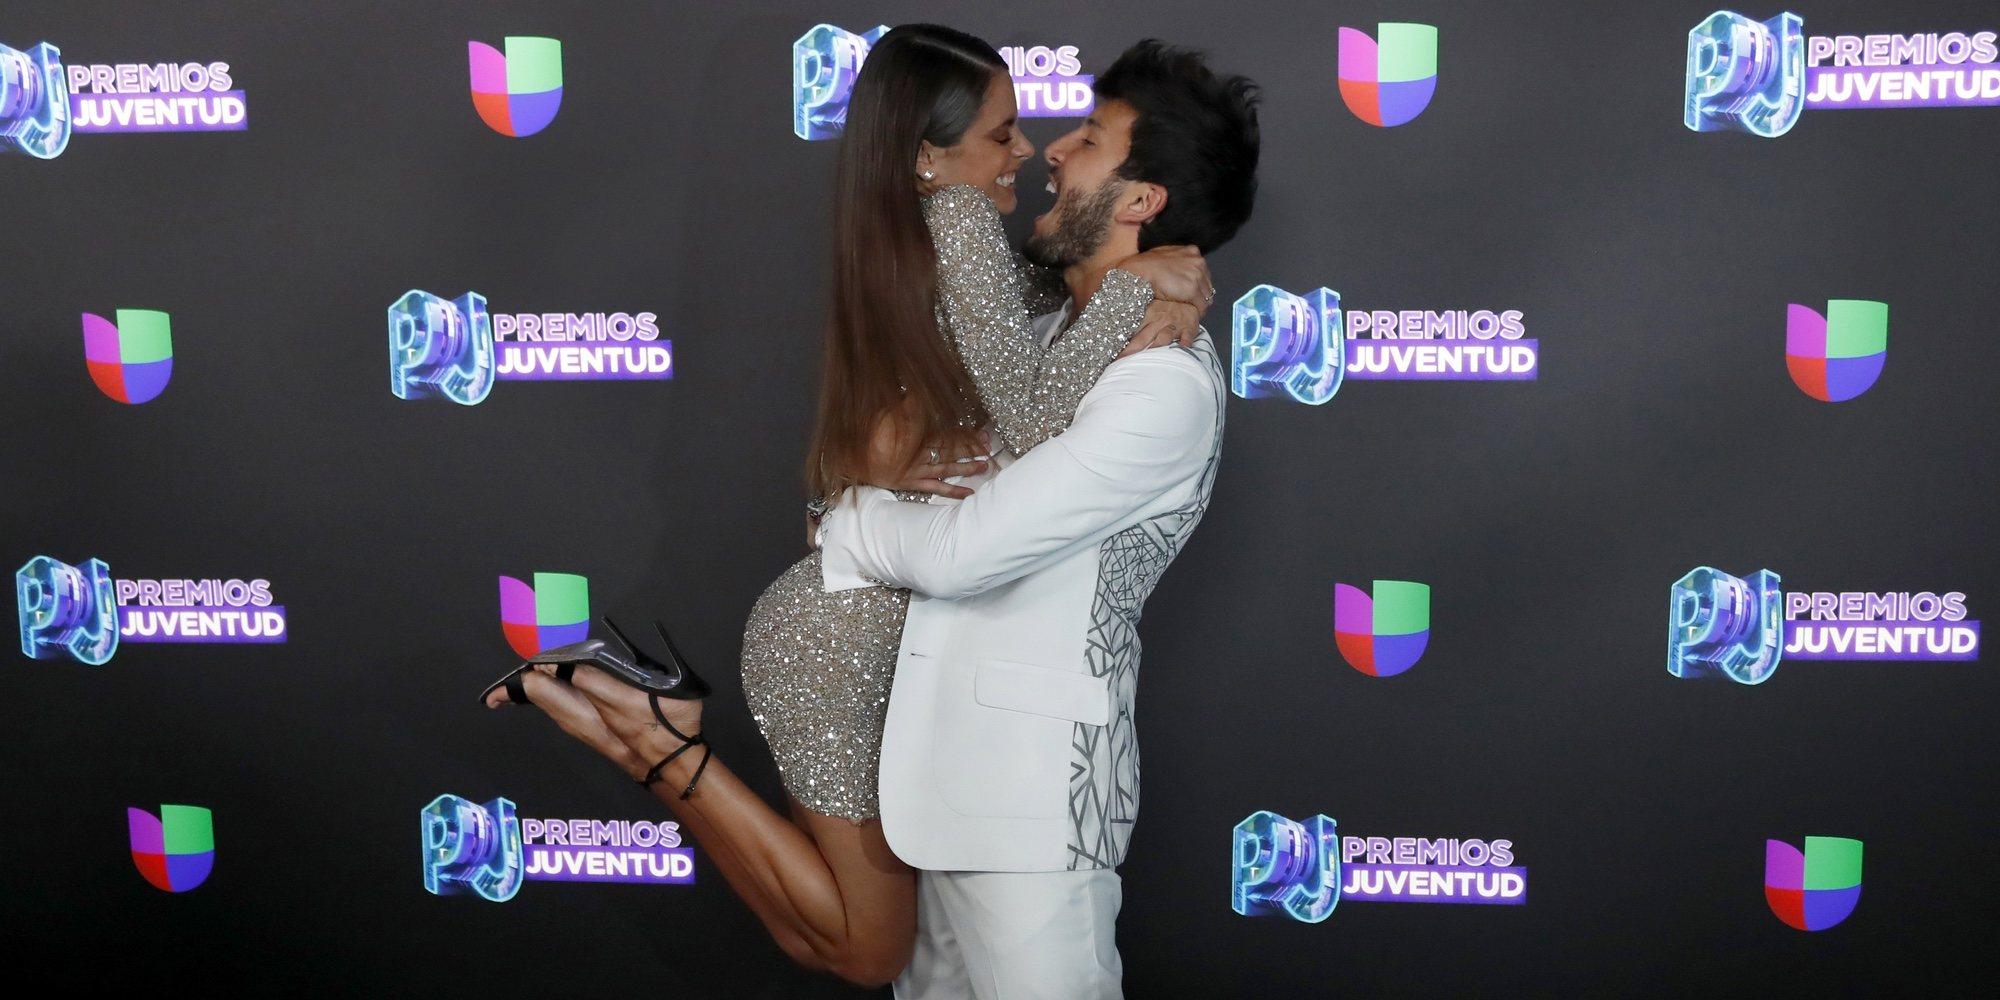 Tini Stoessel y Sebastián Yatra posan por primera vez juntos en los Premios Juventud 2019